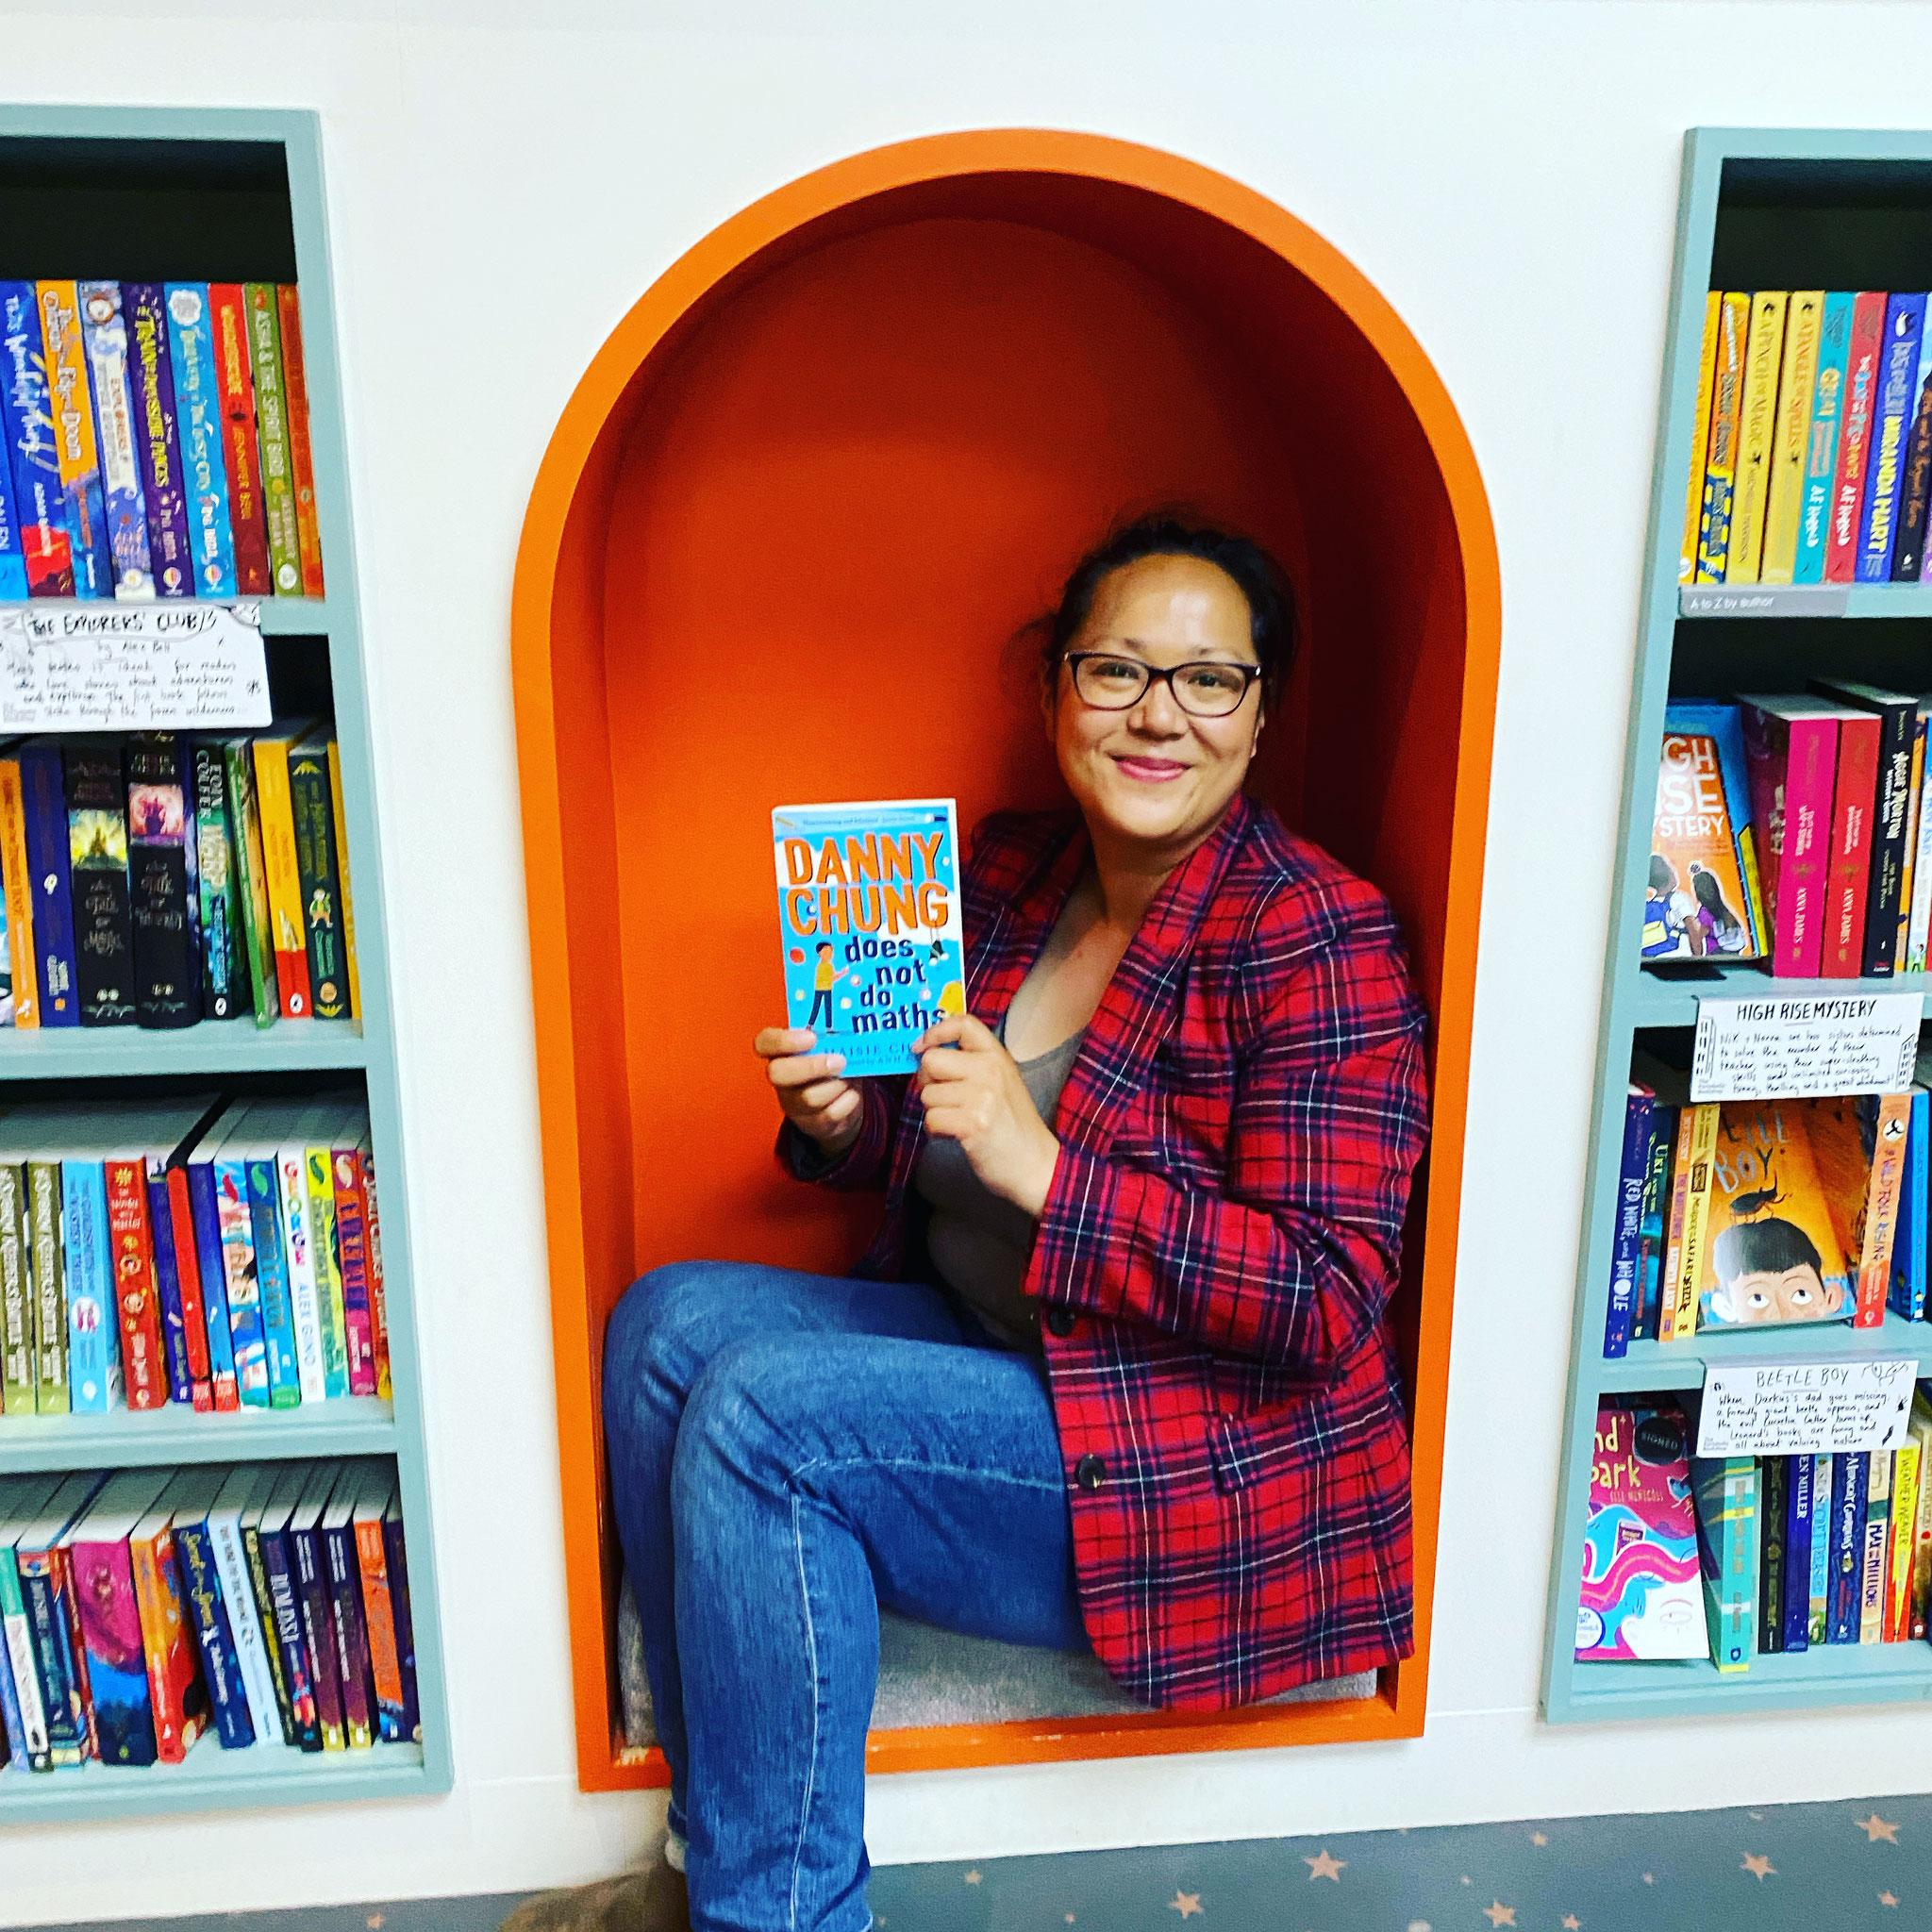 Portobello Books, Edinburgh